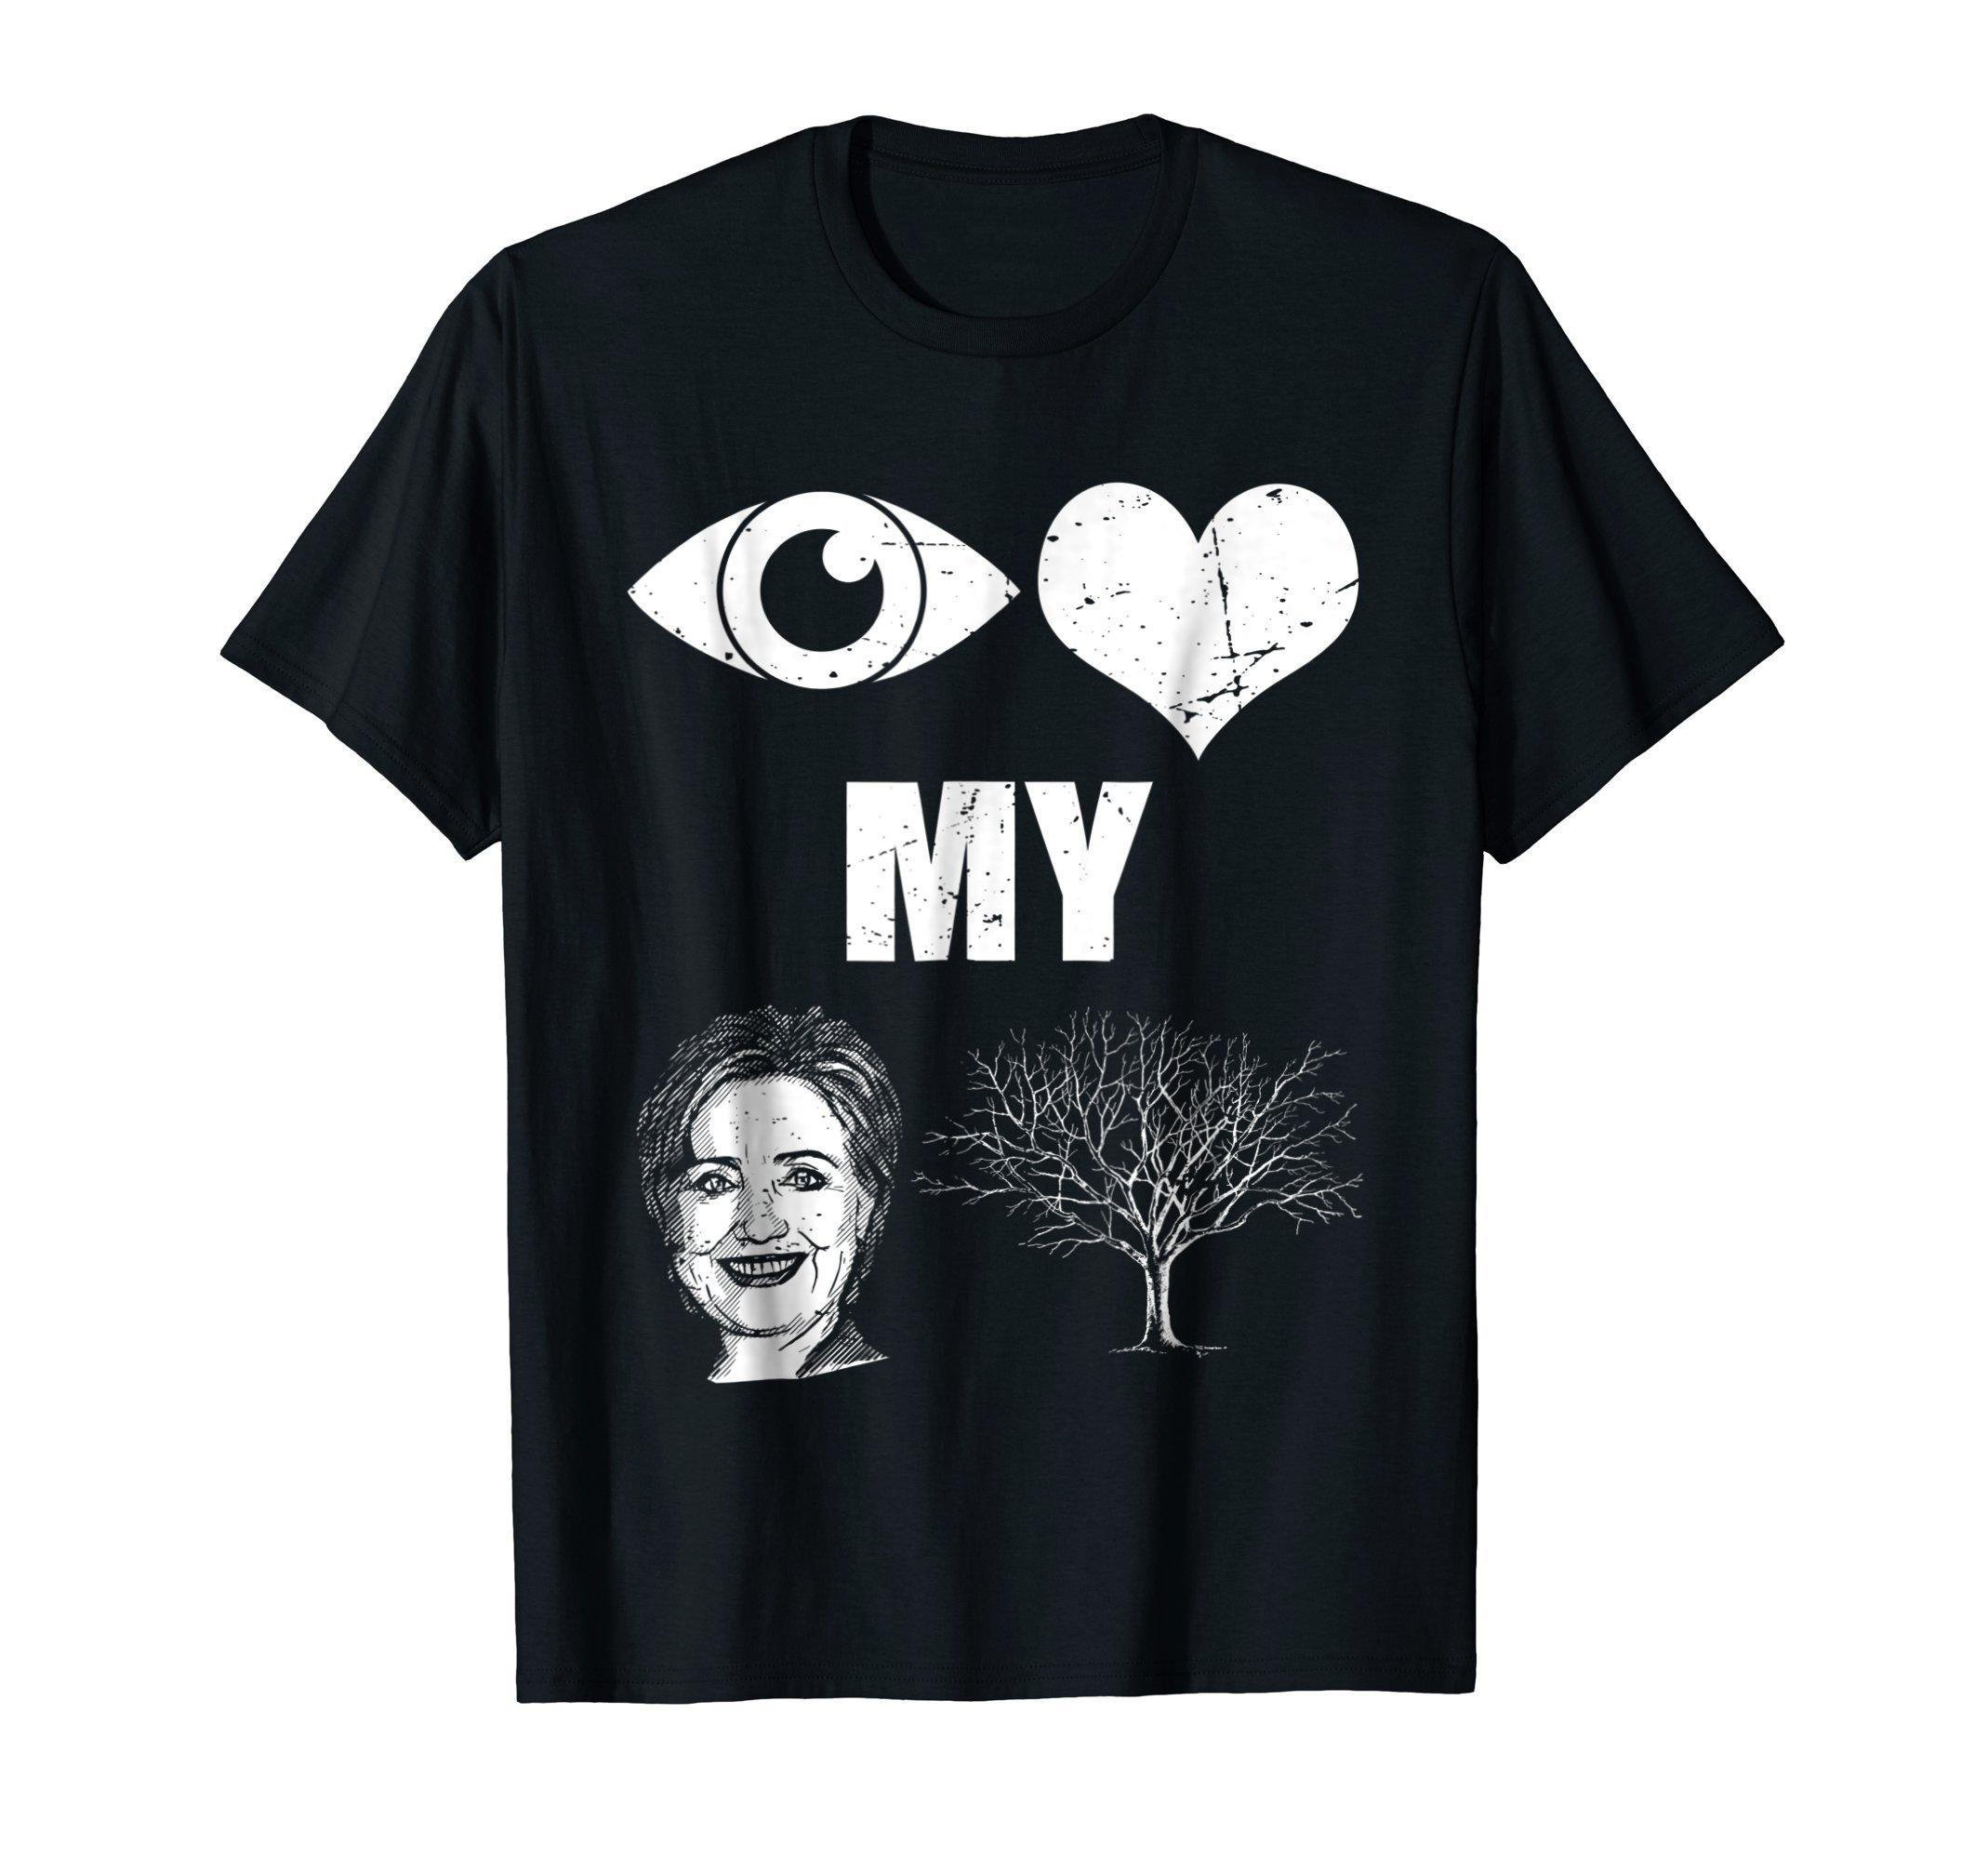 I Love My Country Hillary Clinton Funny Shirt